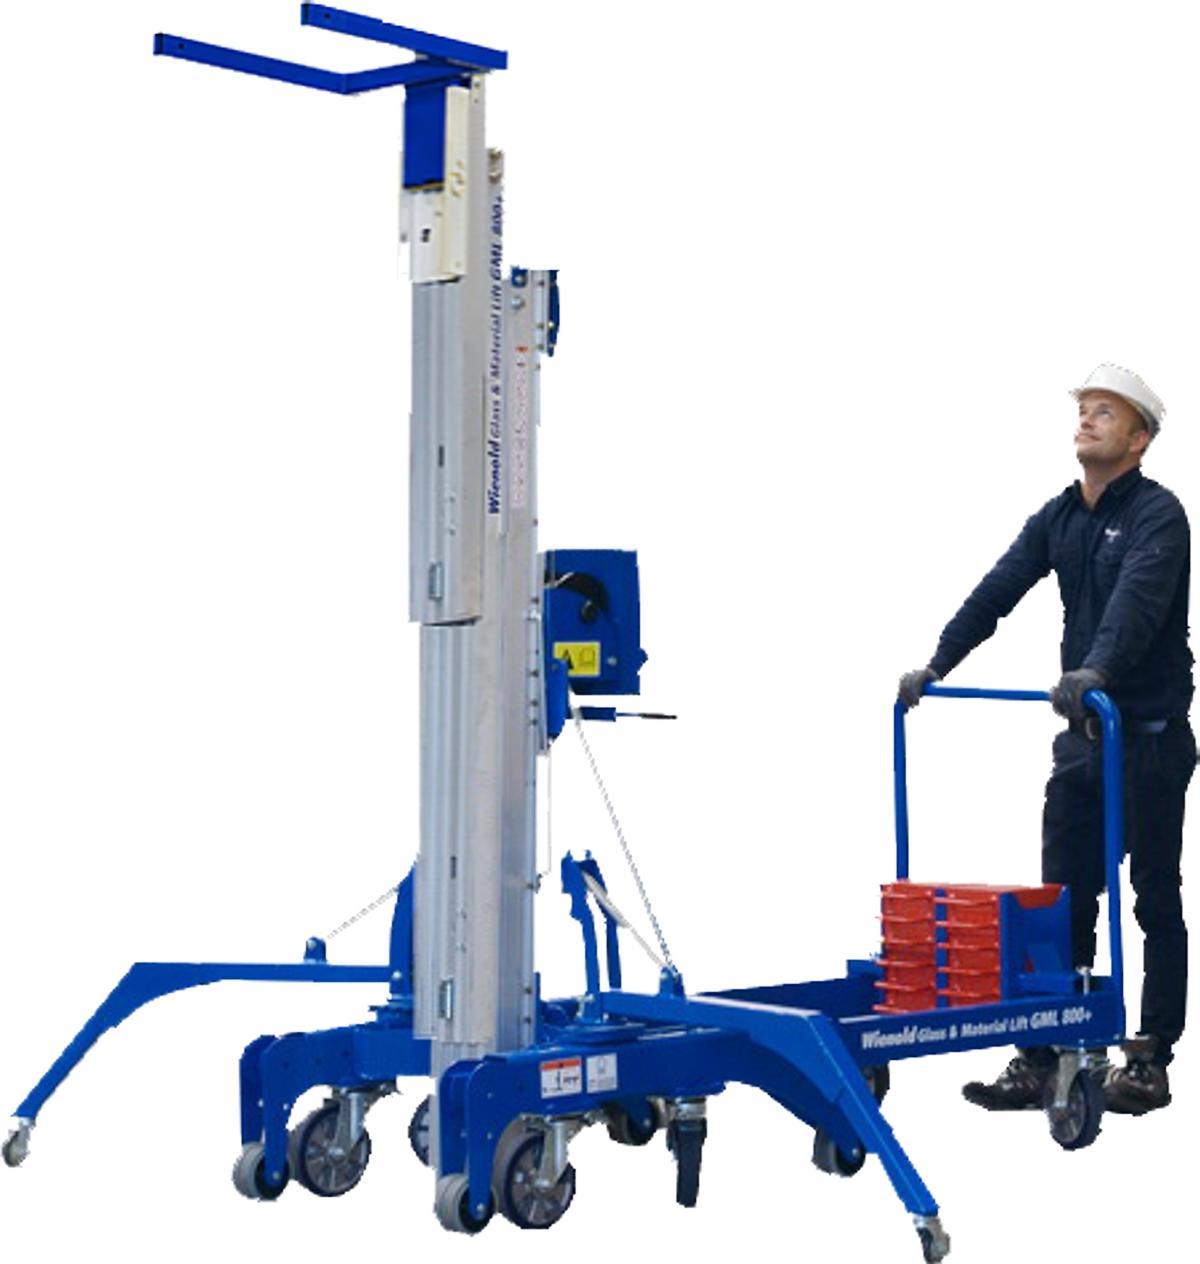 Elektrischer Montagelift GML800+ im companyshop24